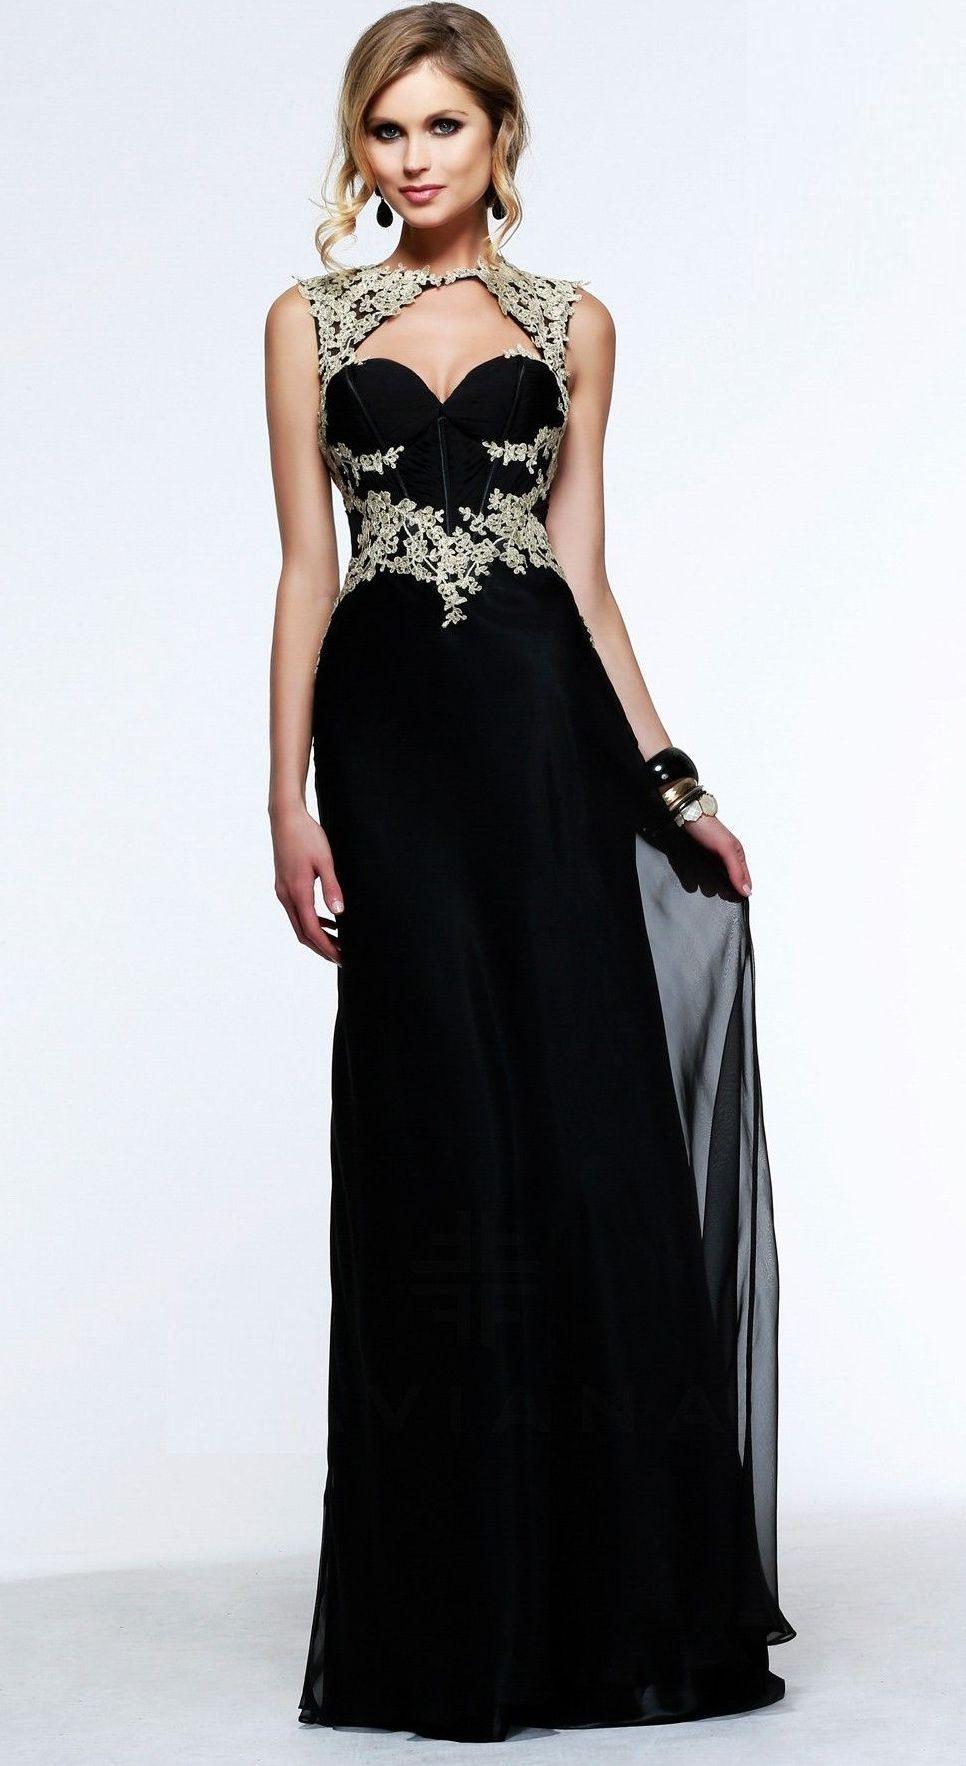 13 Genial Schöne Schwarze Kleider VertriebFormal Genial Schöne Schwarze Kleider Stylish